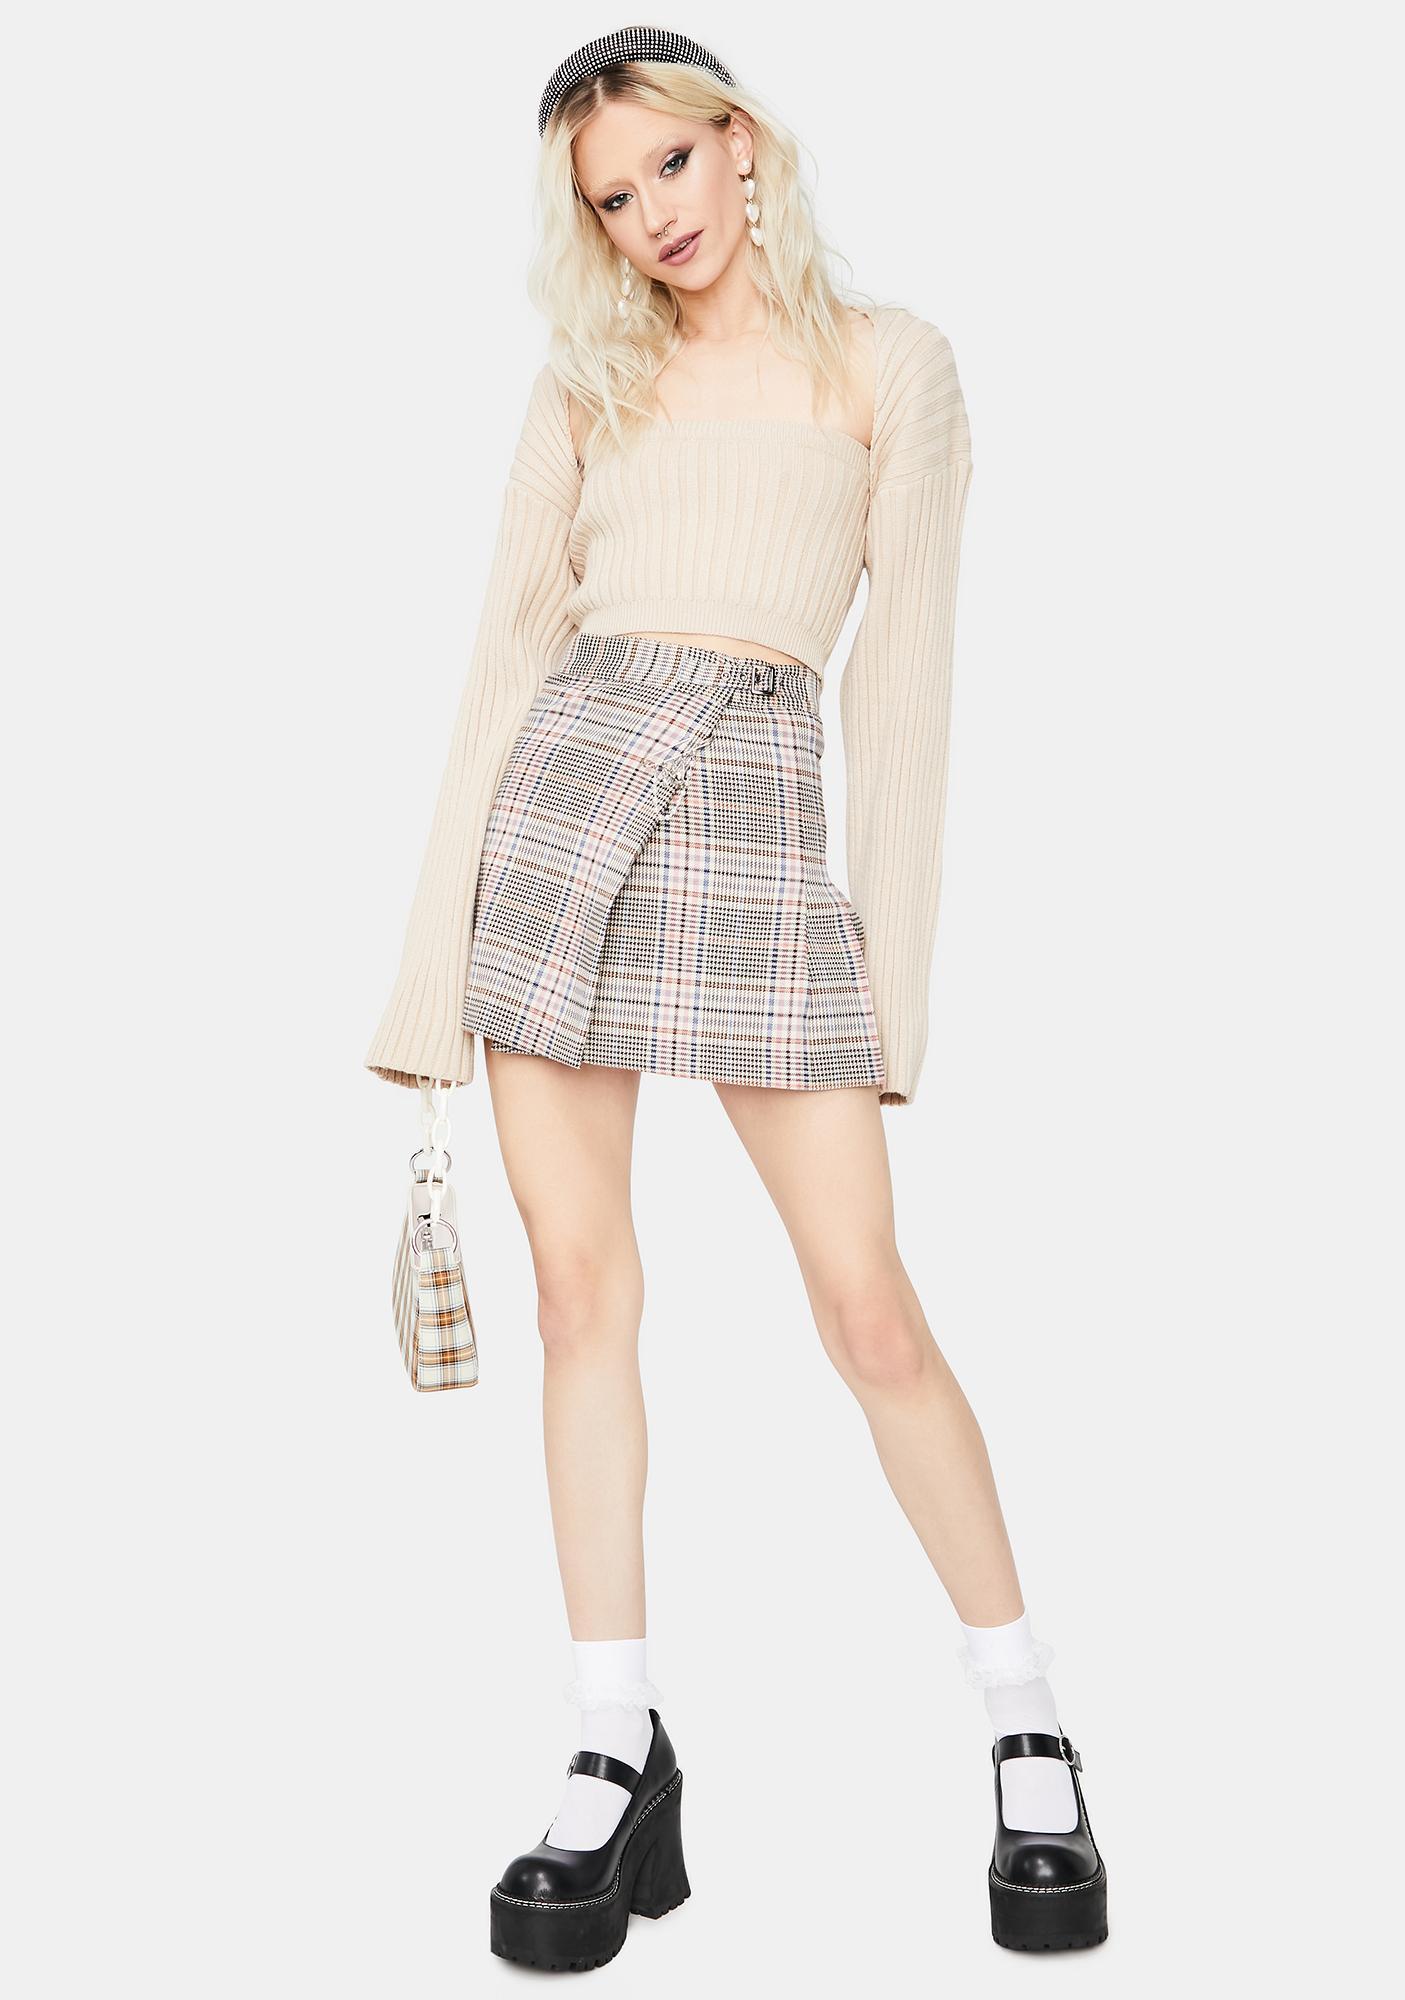 Beige My Sweet Side Knit Cardigan Set